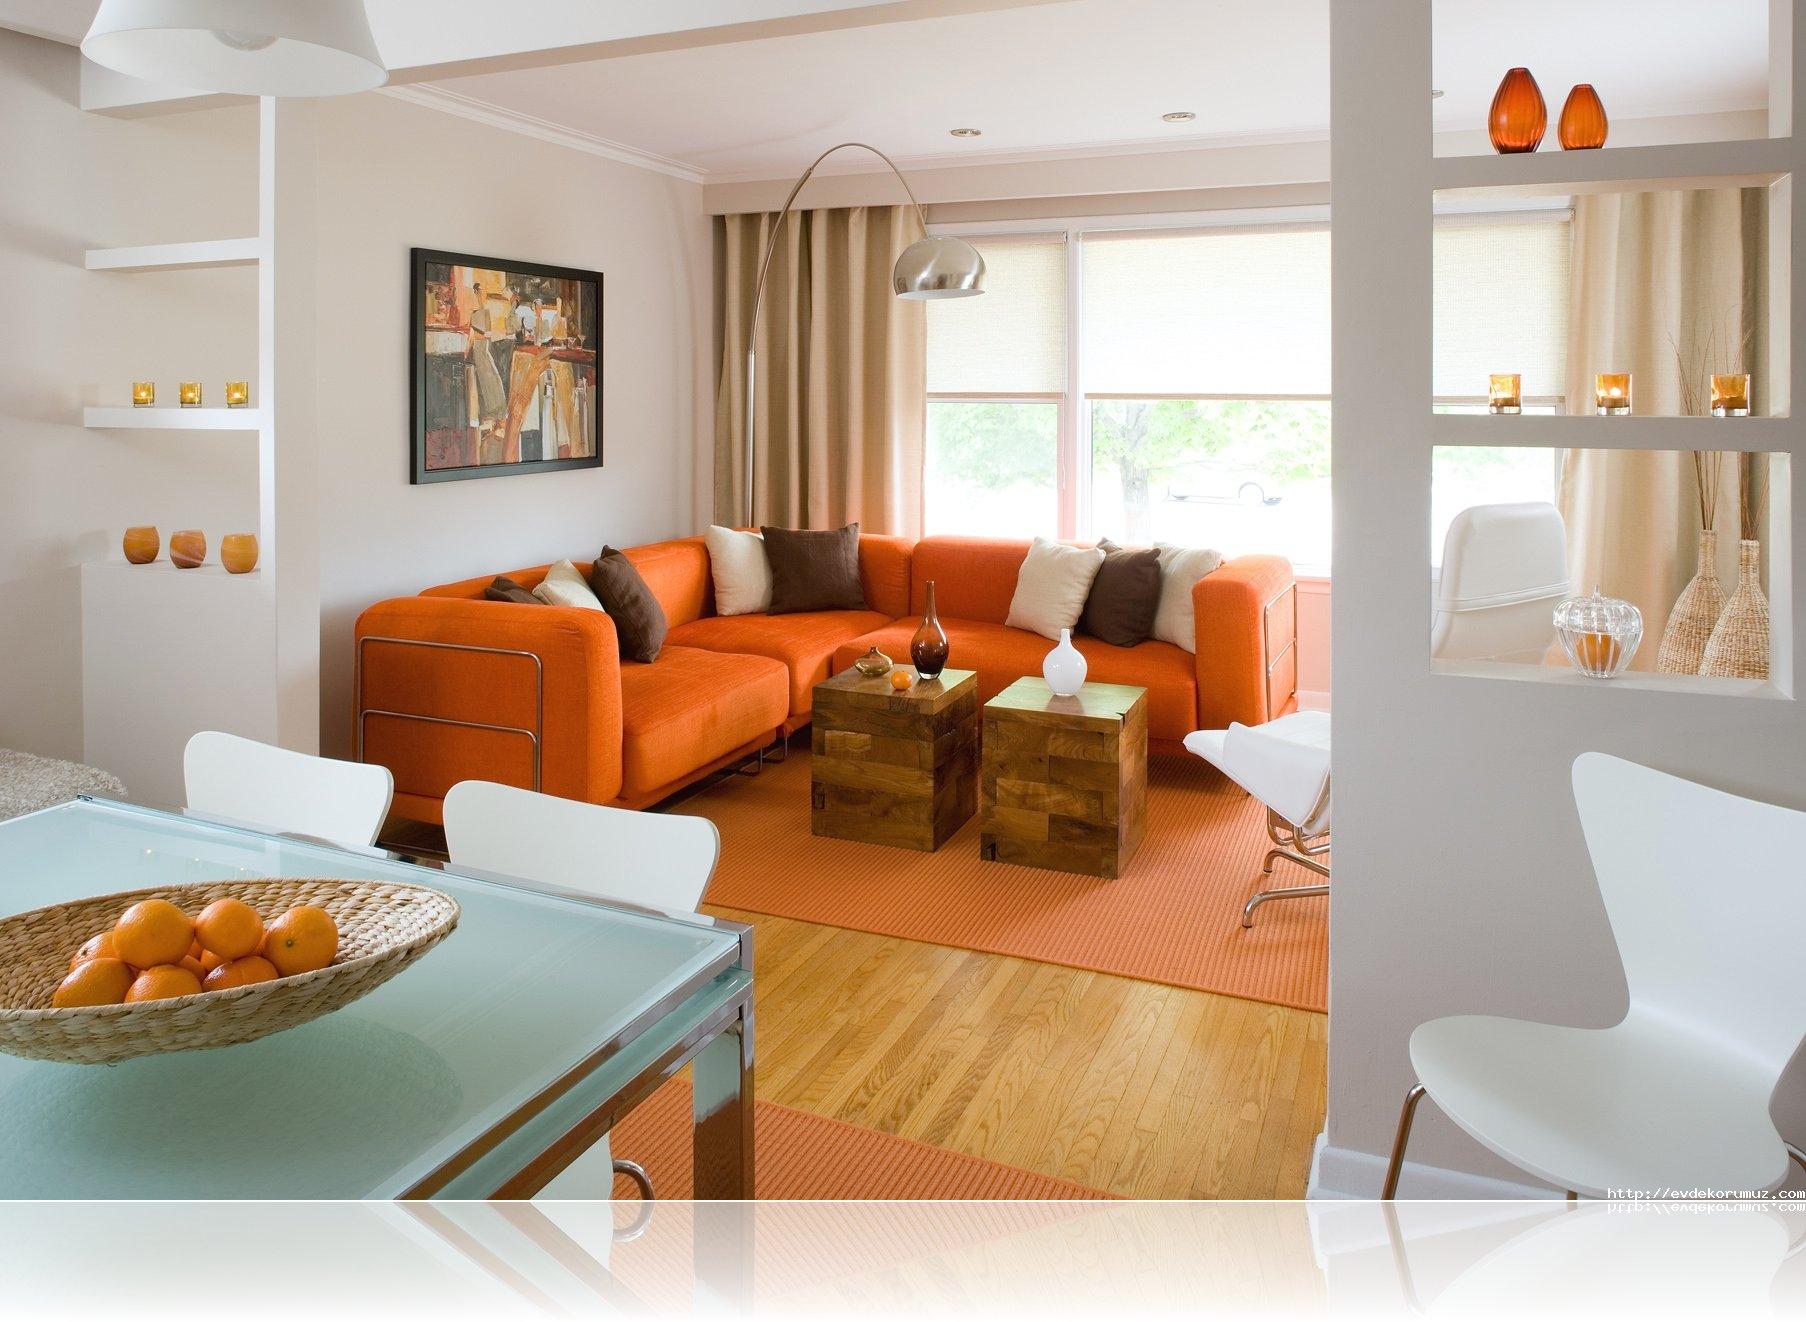 20150704012605-yazly-k-turuncu-ev-dekorasyonu-5598172dd83a1-evdekorumuz-com